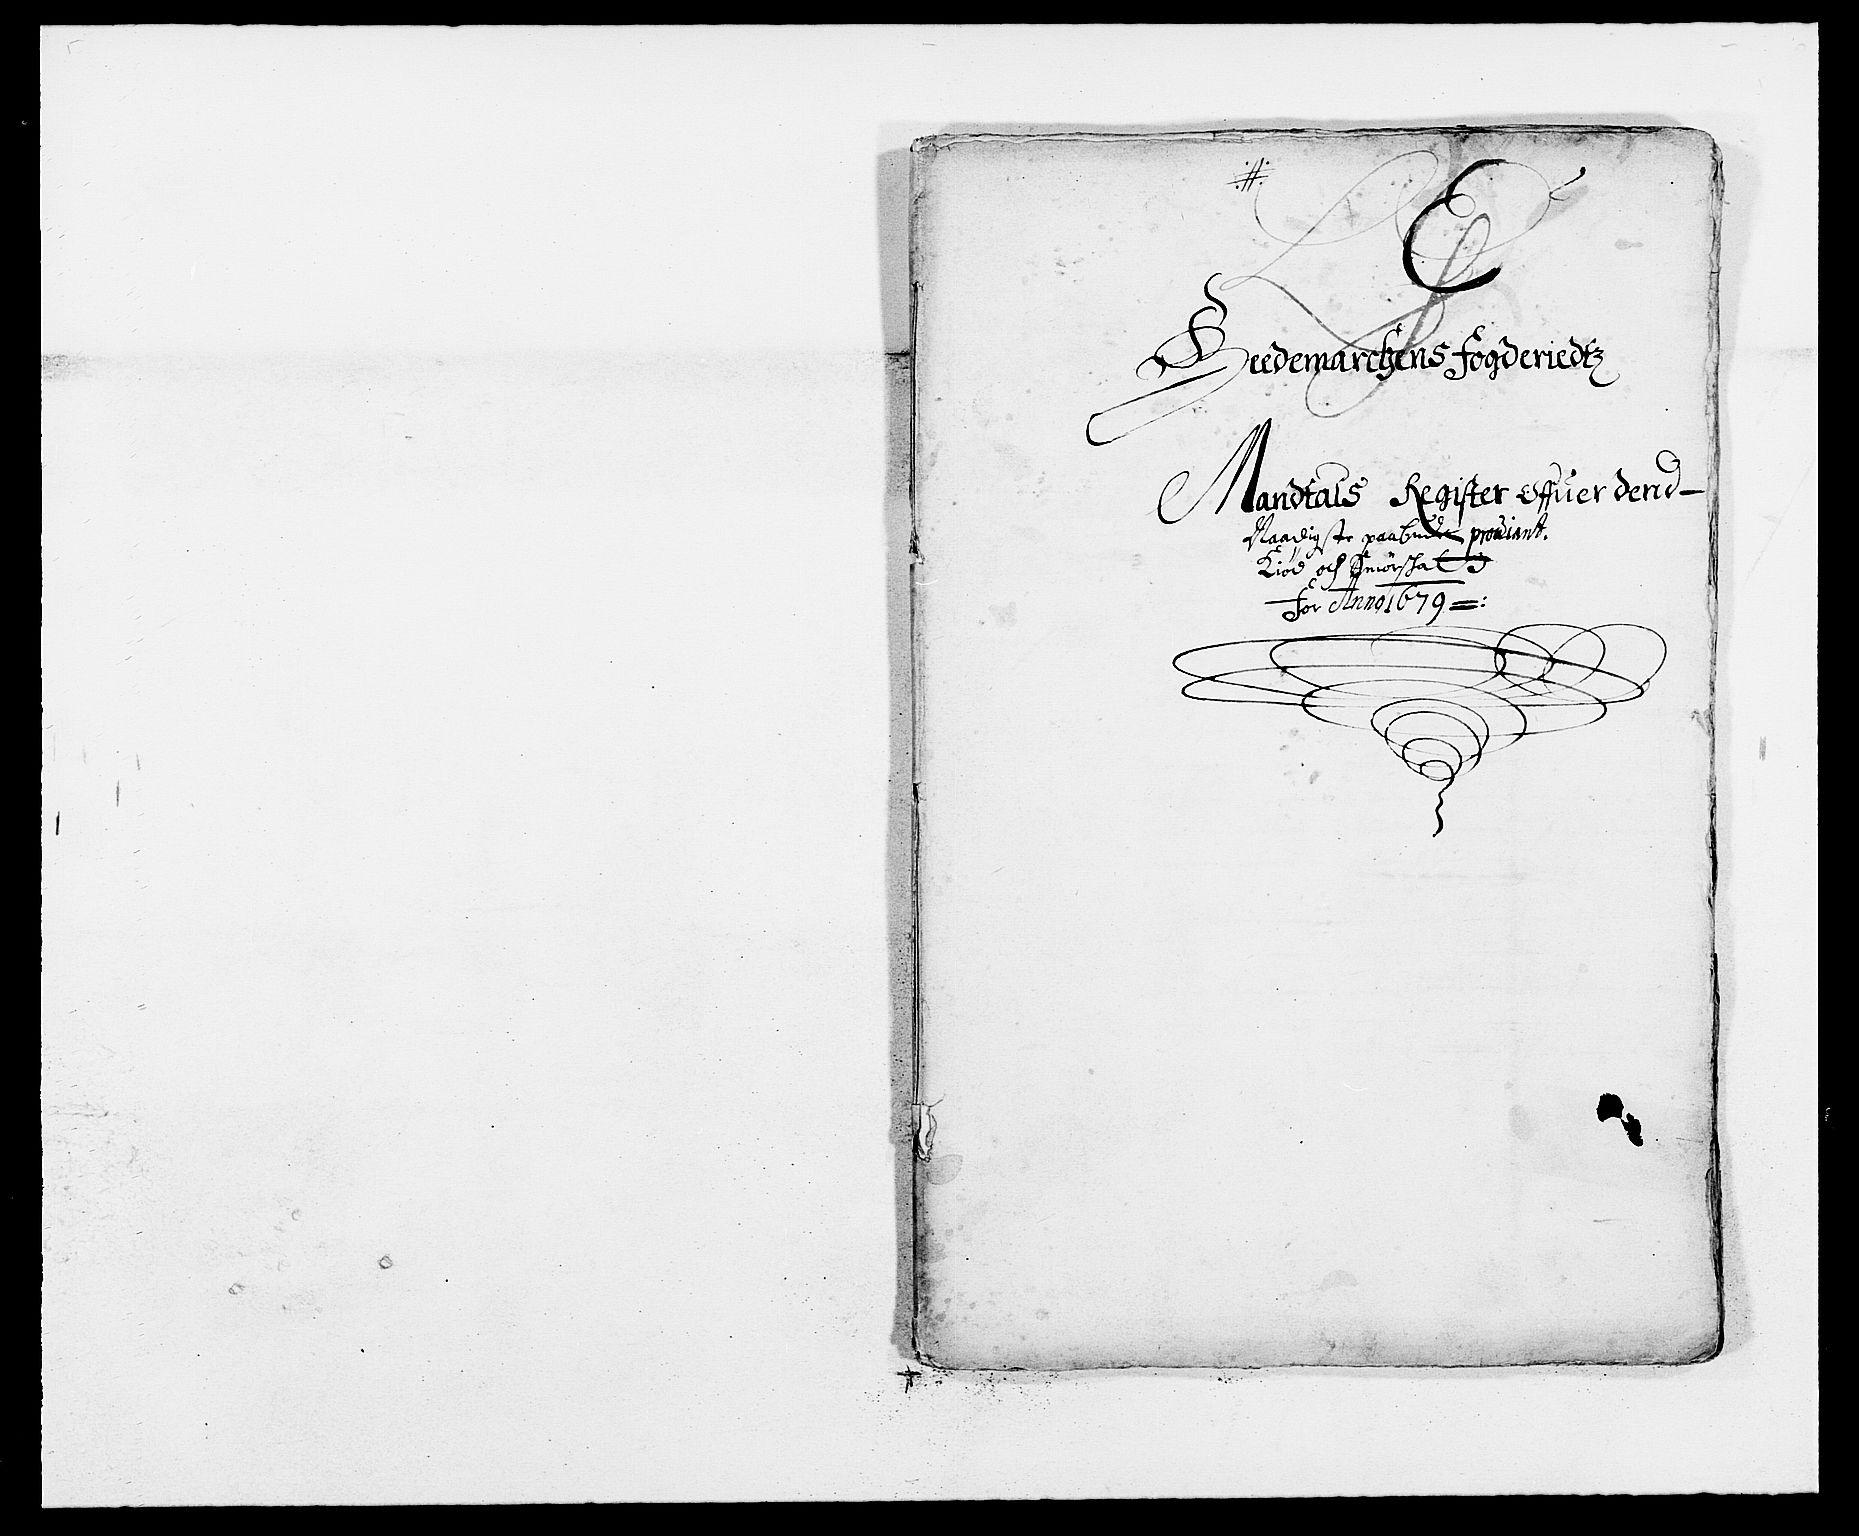 RA, Rentekammeret inntil 1814, Reviderte regnskaper, Fogderegnskap, R16/L1018: Fogderegnskap Hedmark, 1678-1679, s. 172